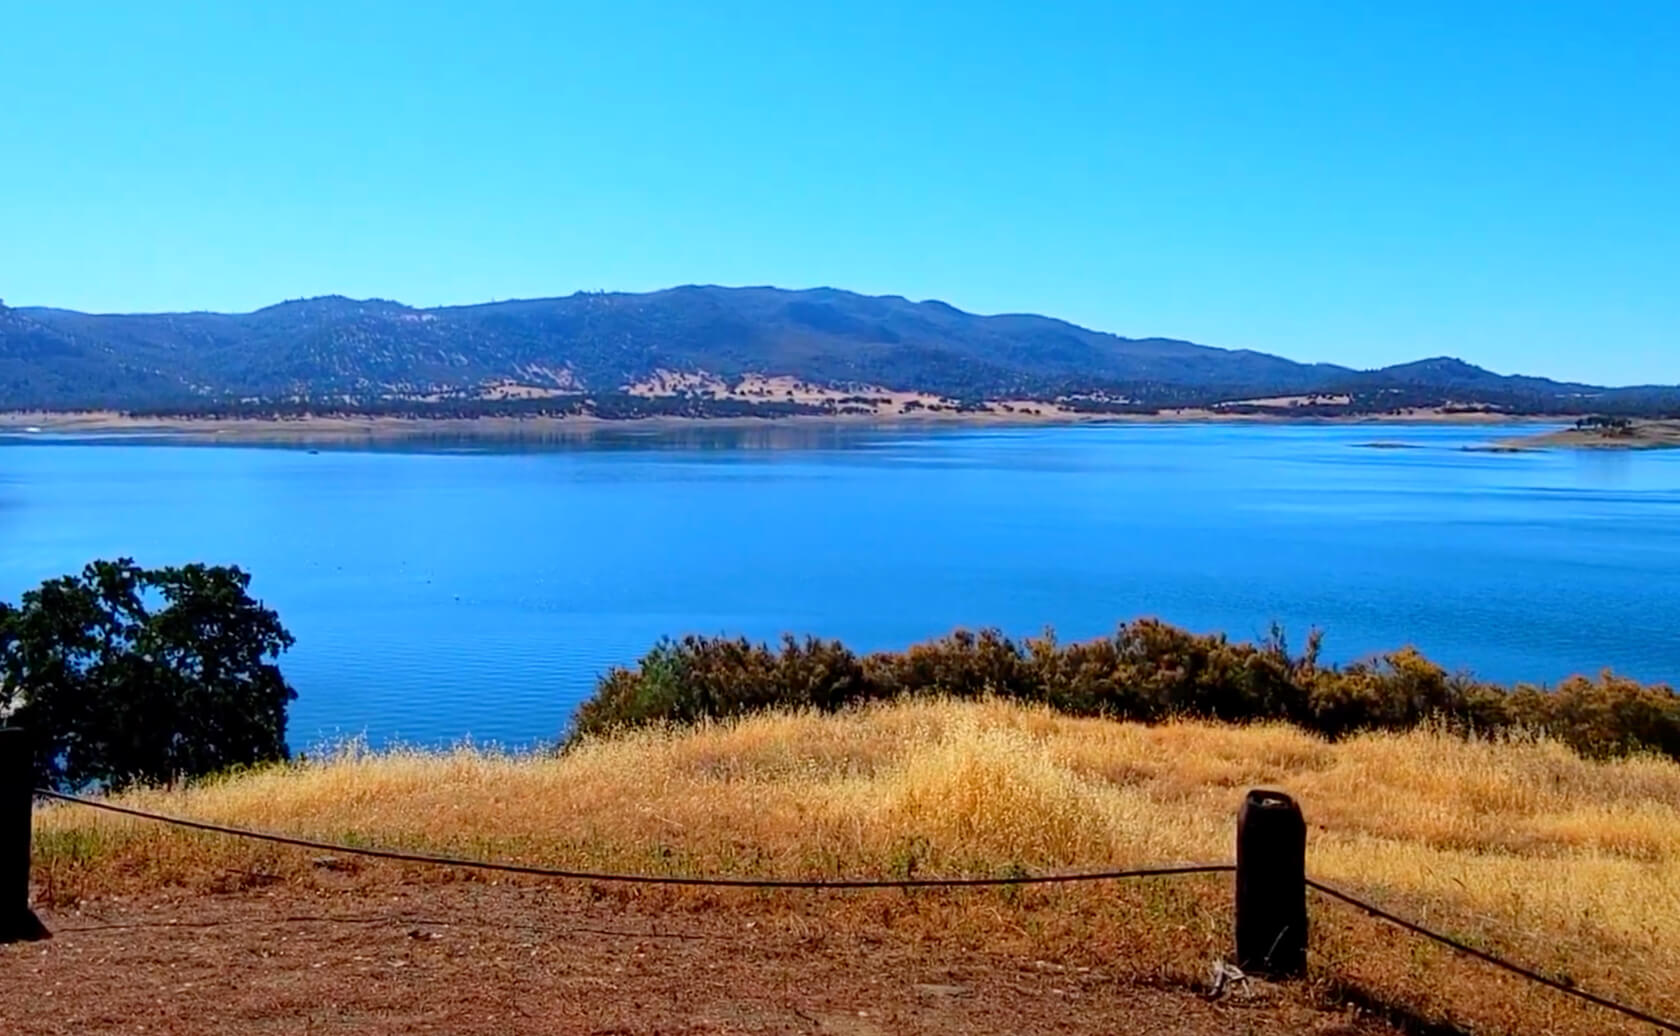 New-Hogan-Lake-Fishing-Guide-Report-California-01